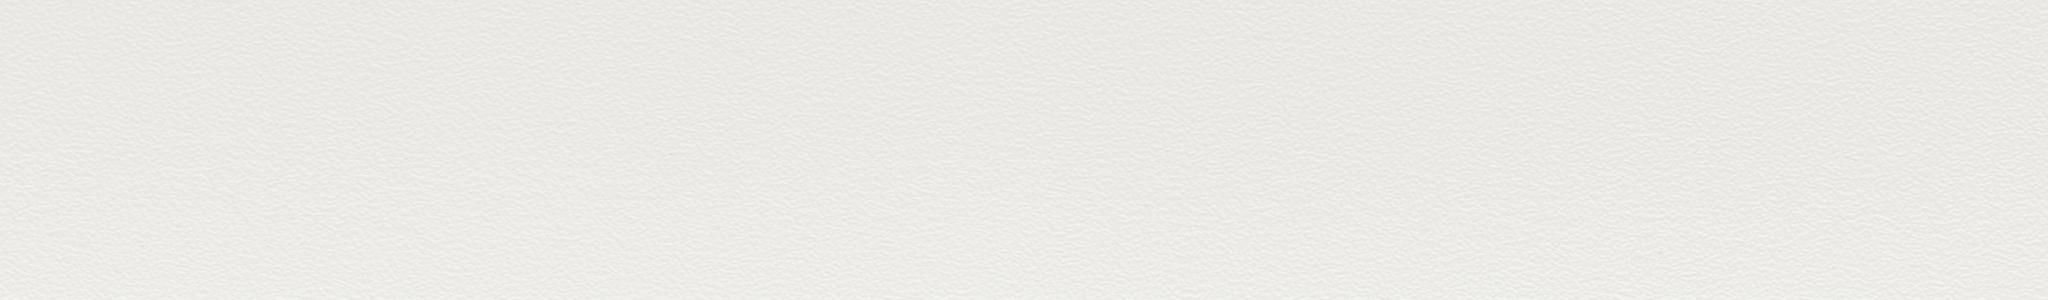 HU 172543 Chant ABS Gris Agate Perle XG